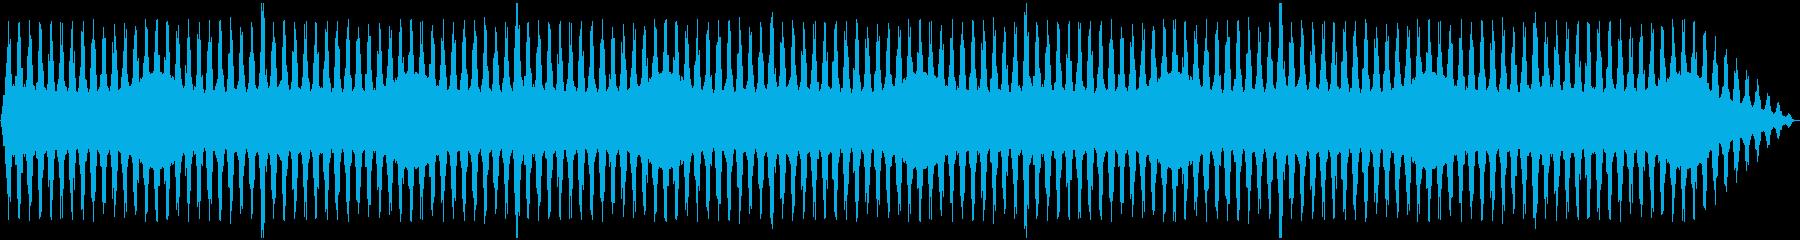 悪夢の再生済みの波形